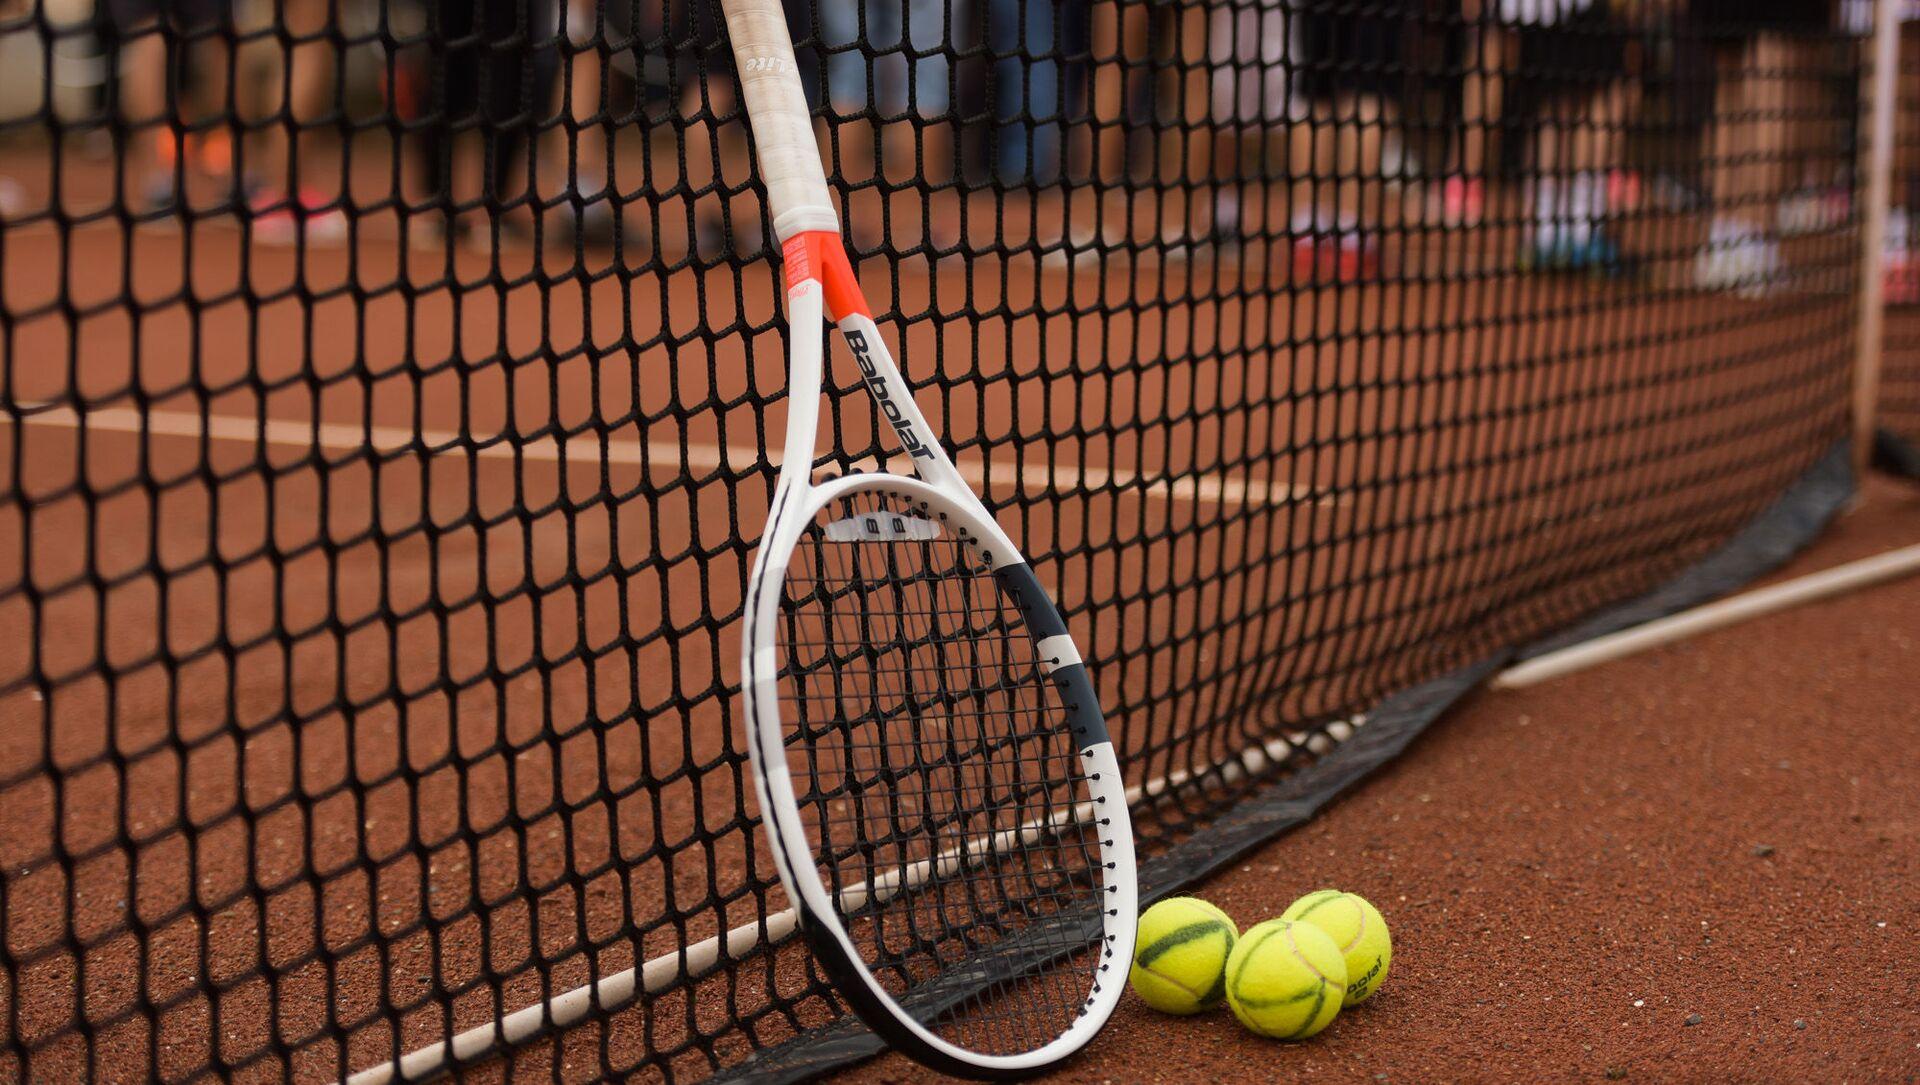 Теннисный корт   - Sputnik Аҧсны, 1920, 24.09.2021